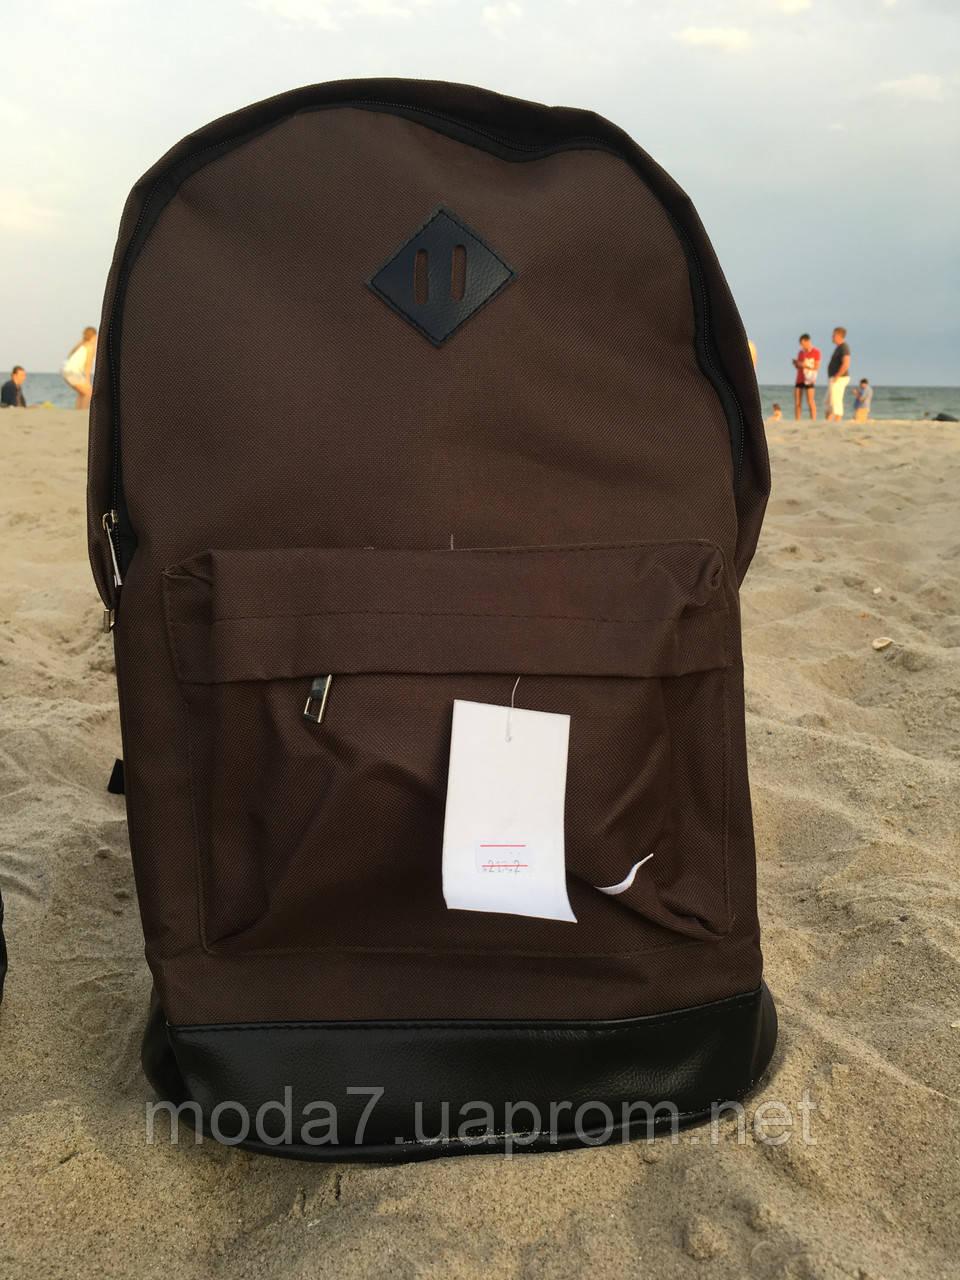 Спортивный рюкзак Nike коричневый реплика